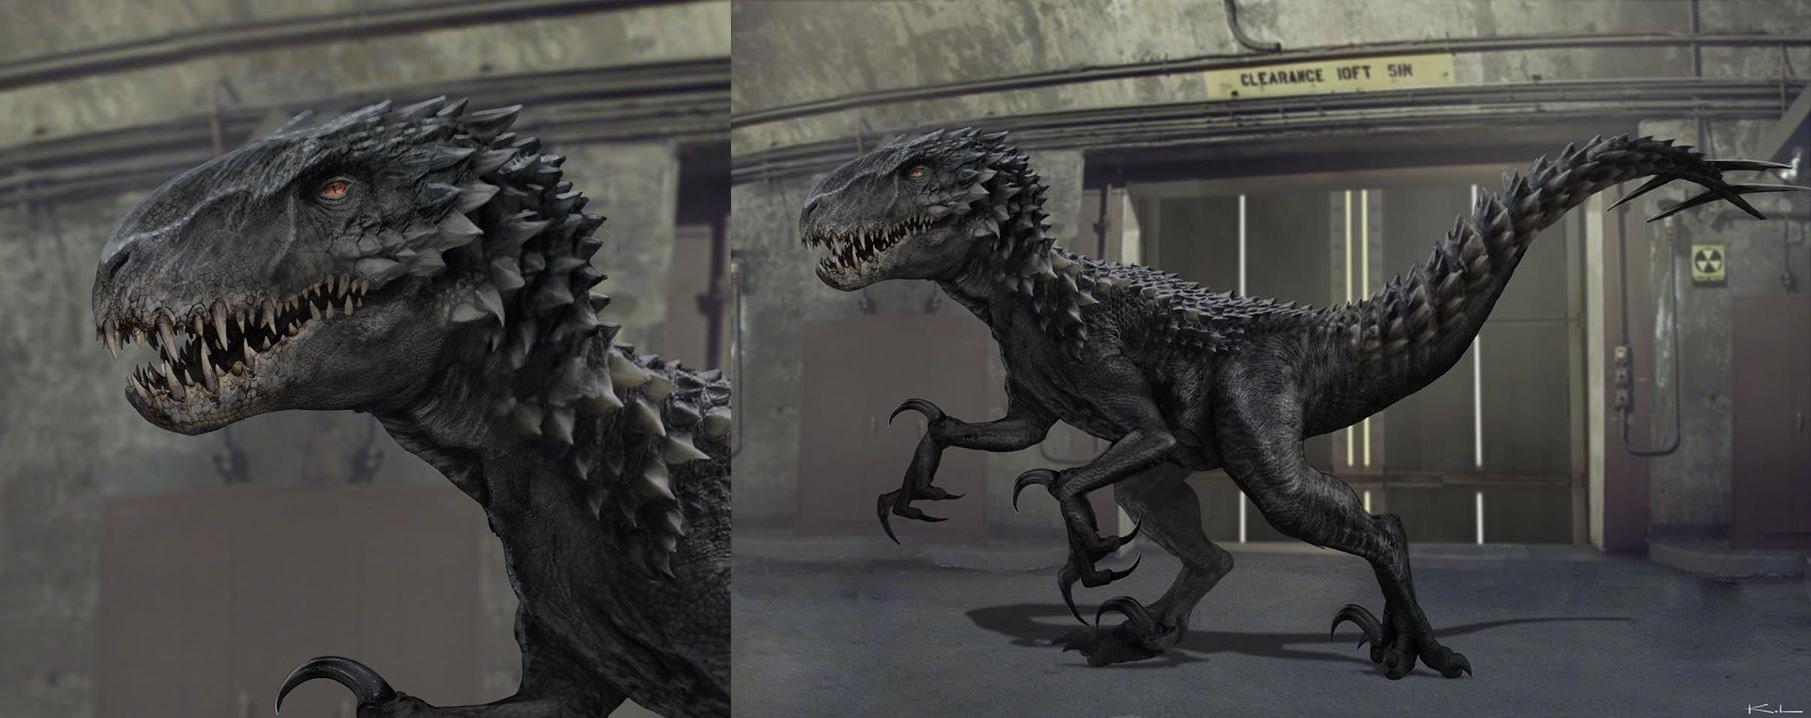 indoraptor02.jpg